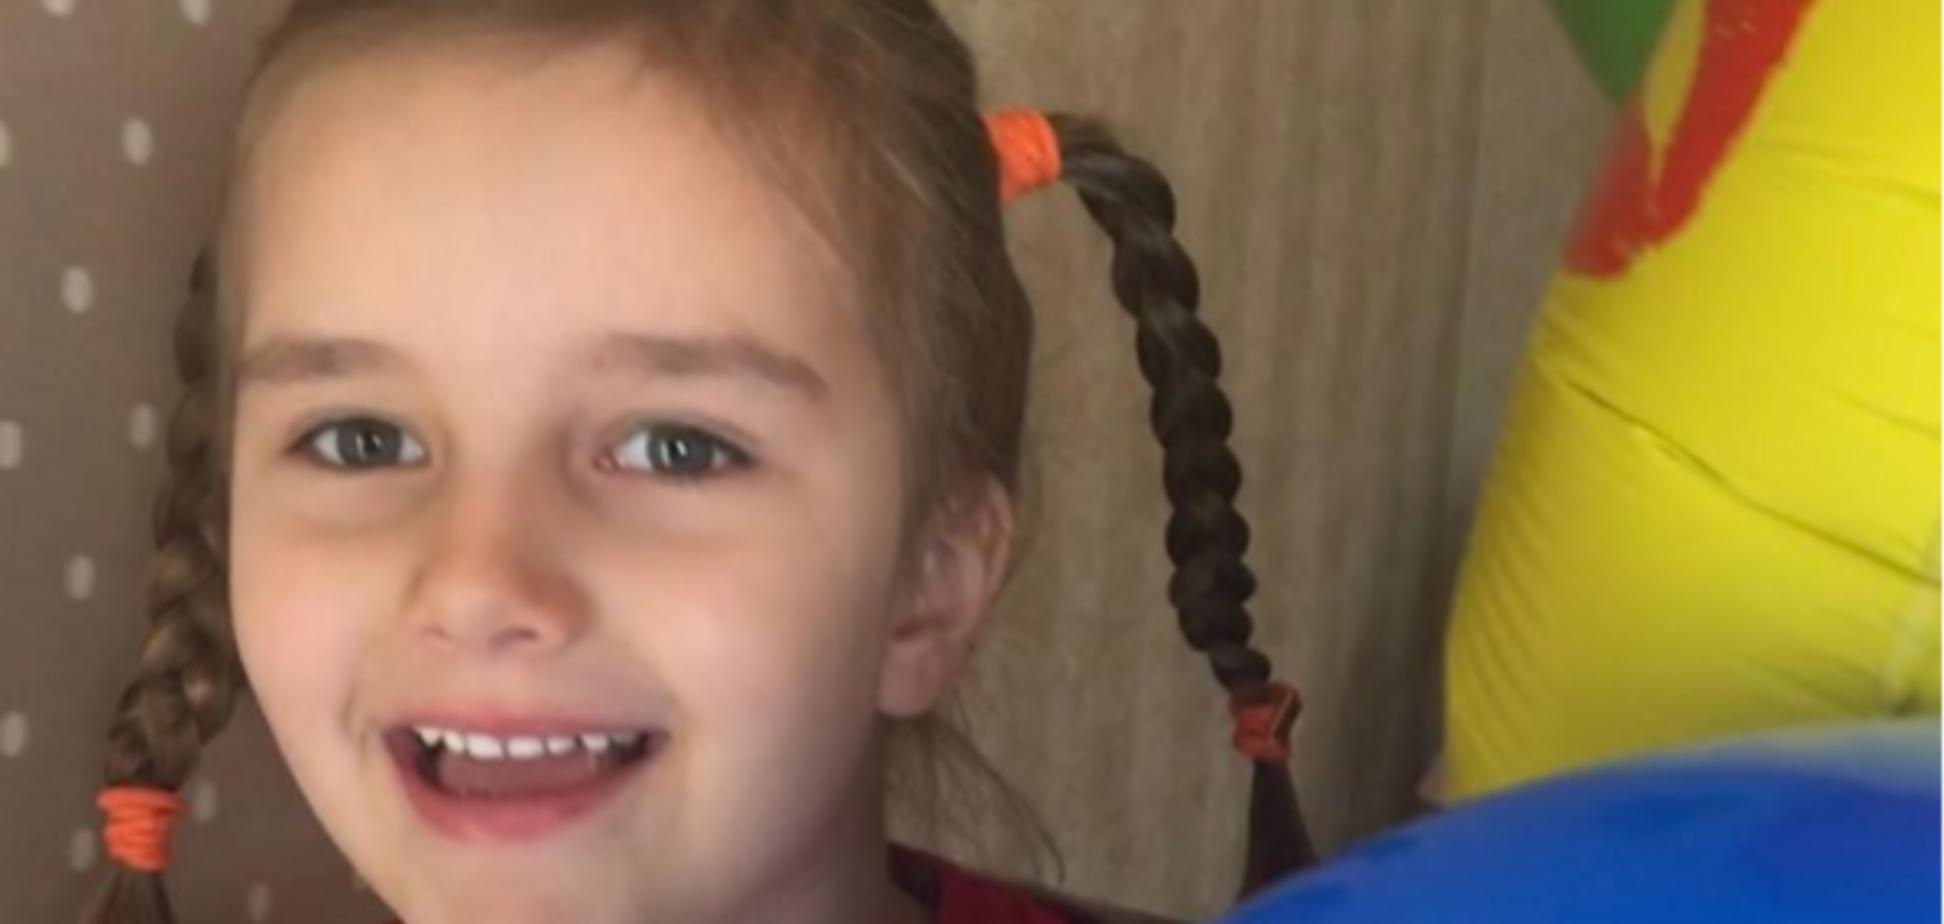 Внучке Пугачевой исполнилось 5 лет: звездные гости поделились фотоснимками